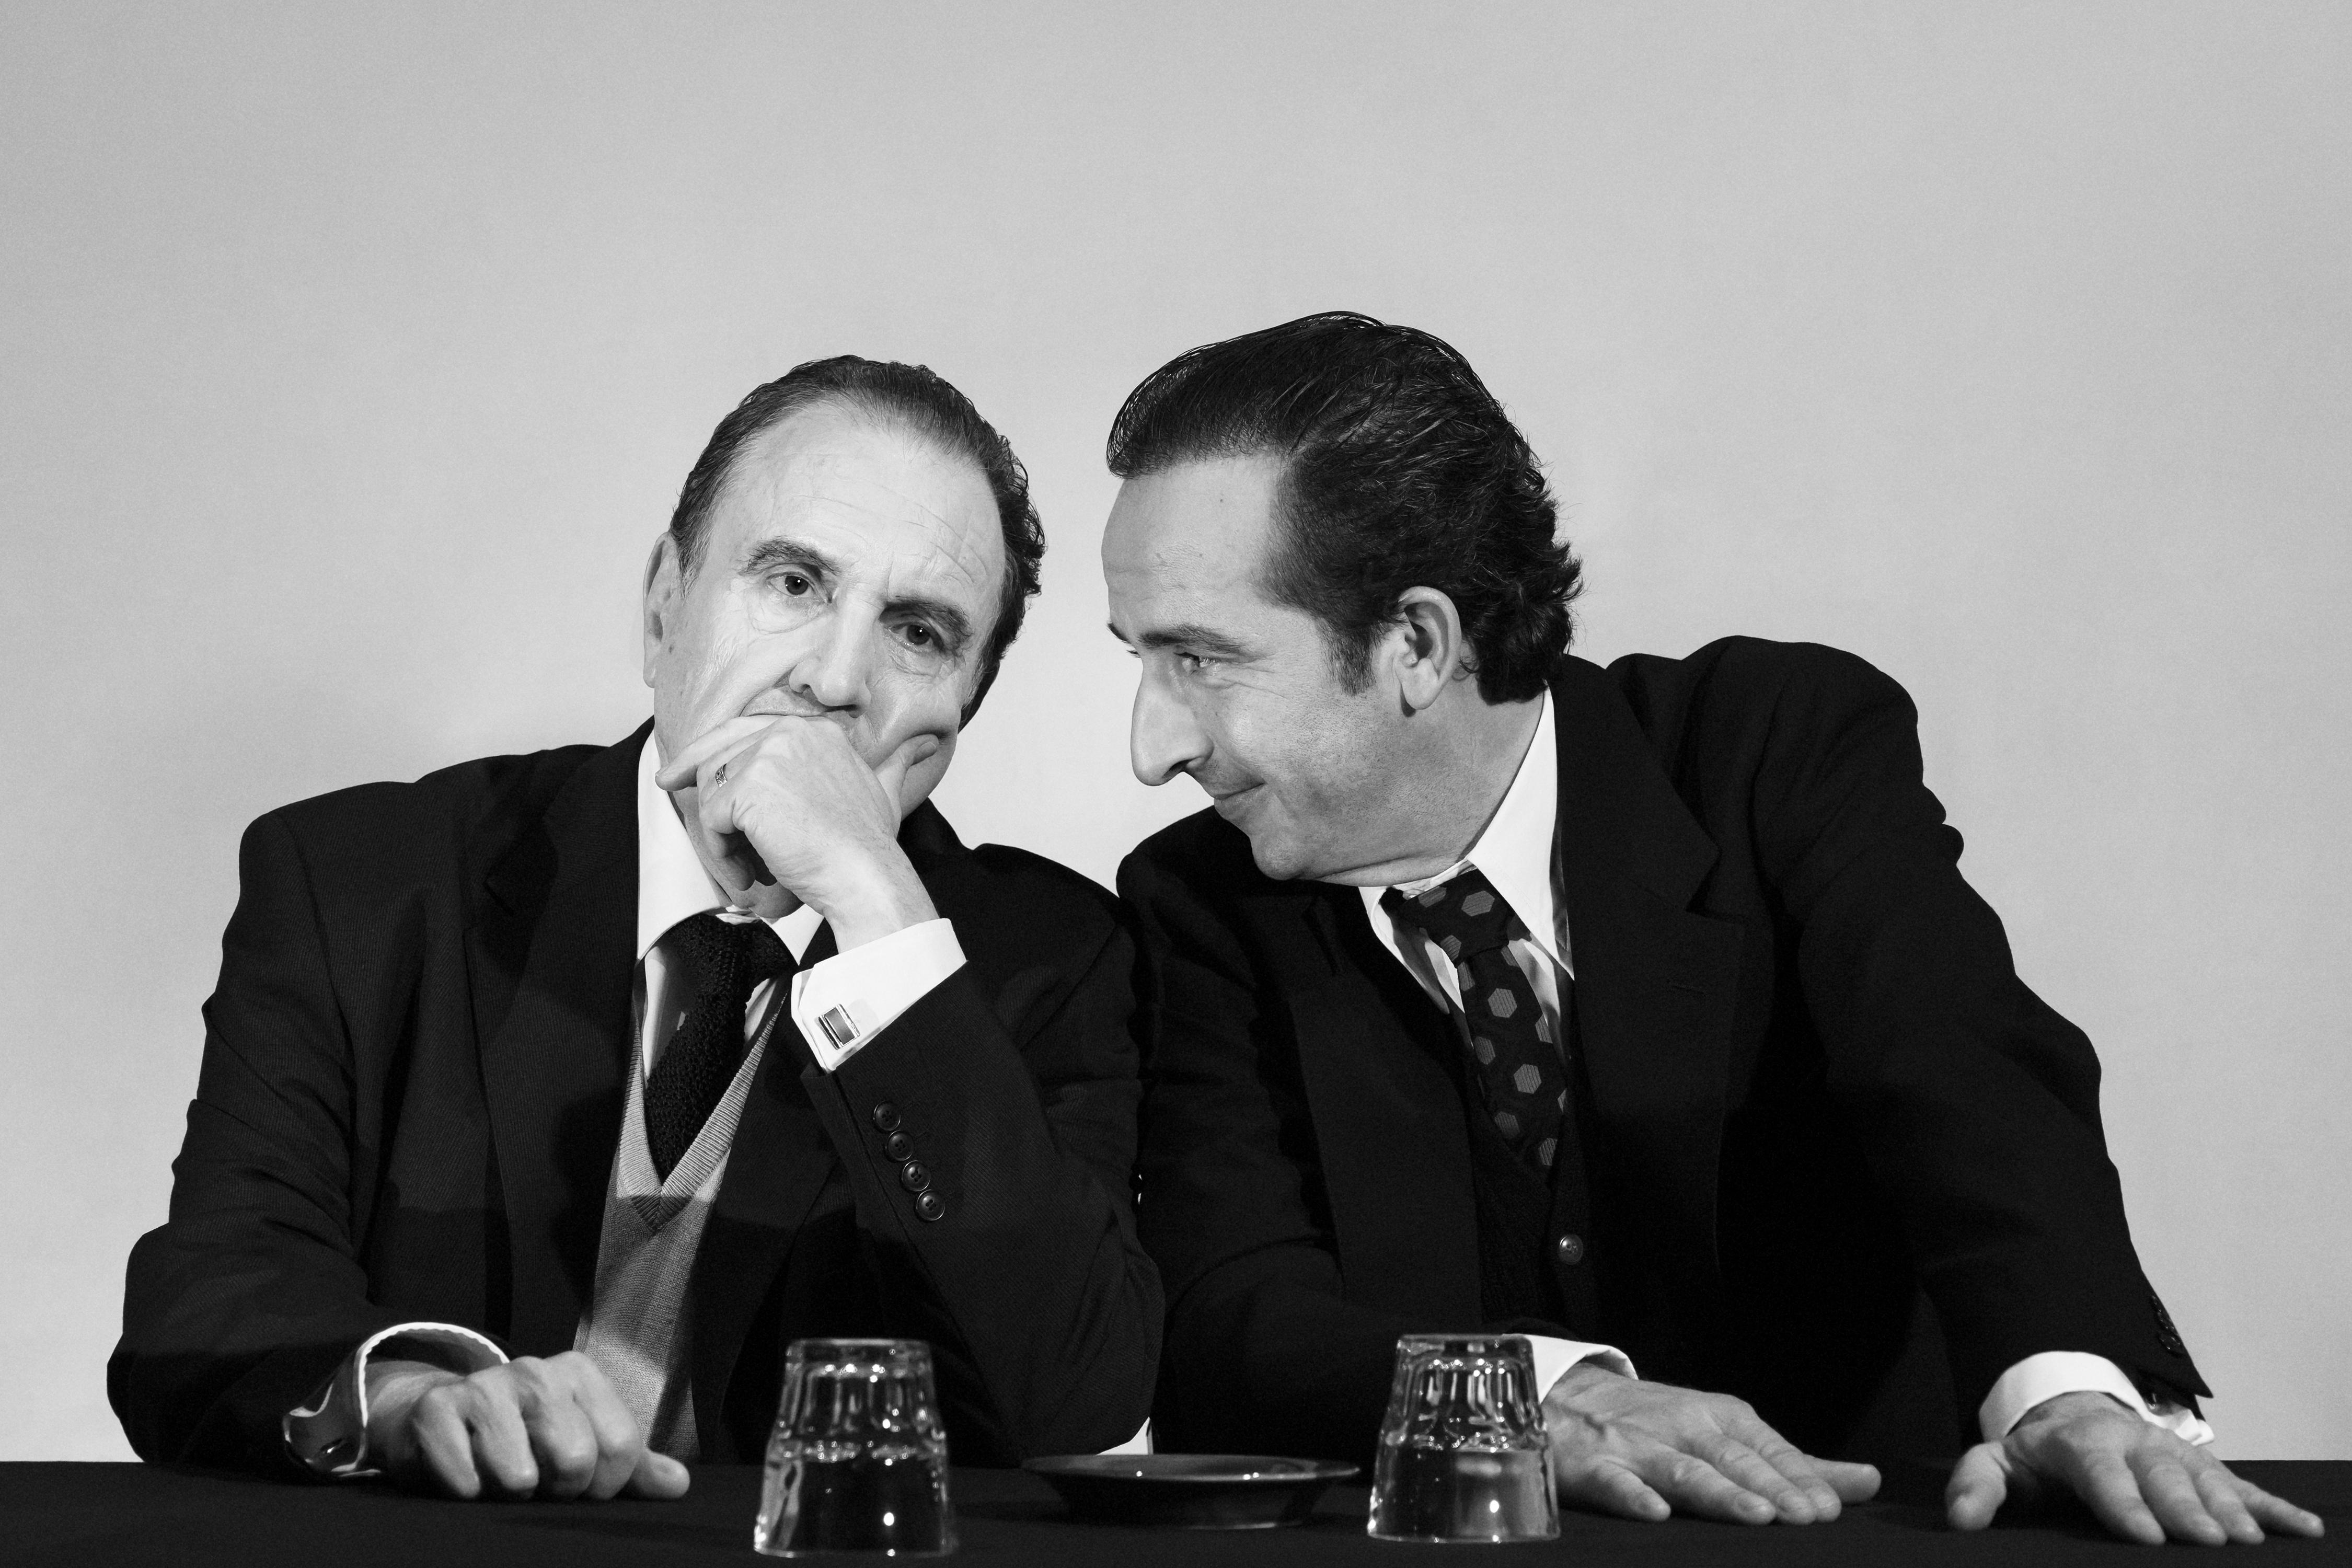 L'Opposition Mitterrand vs Rocard, théâtre de l'Atelier, jusqu'au 5 avril 2020. © Maria Laetizia Piantoni